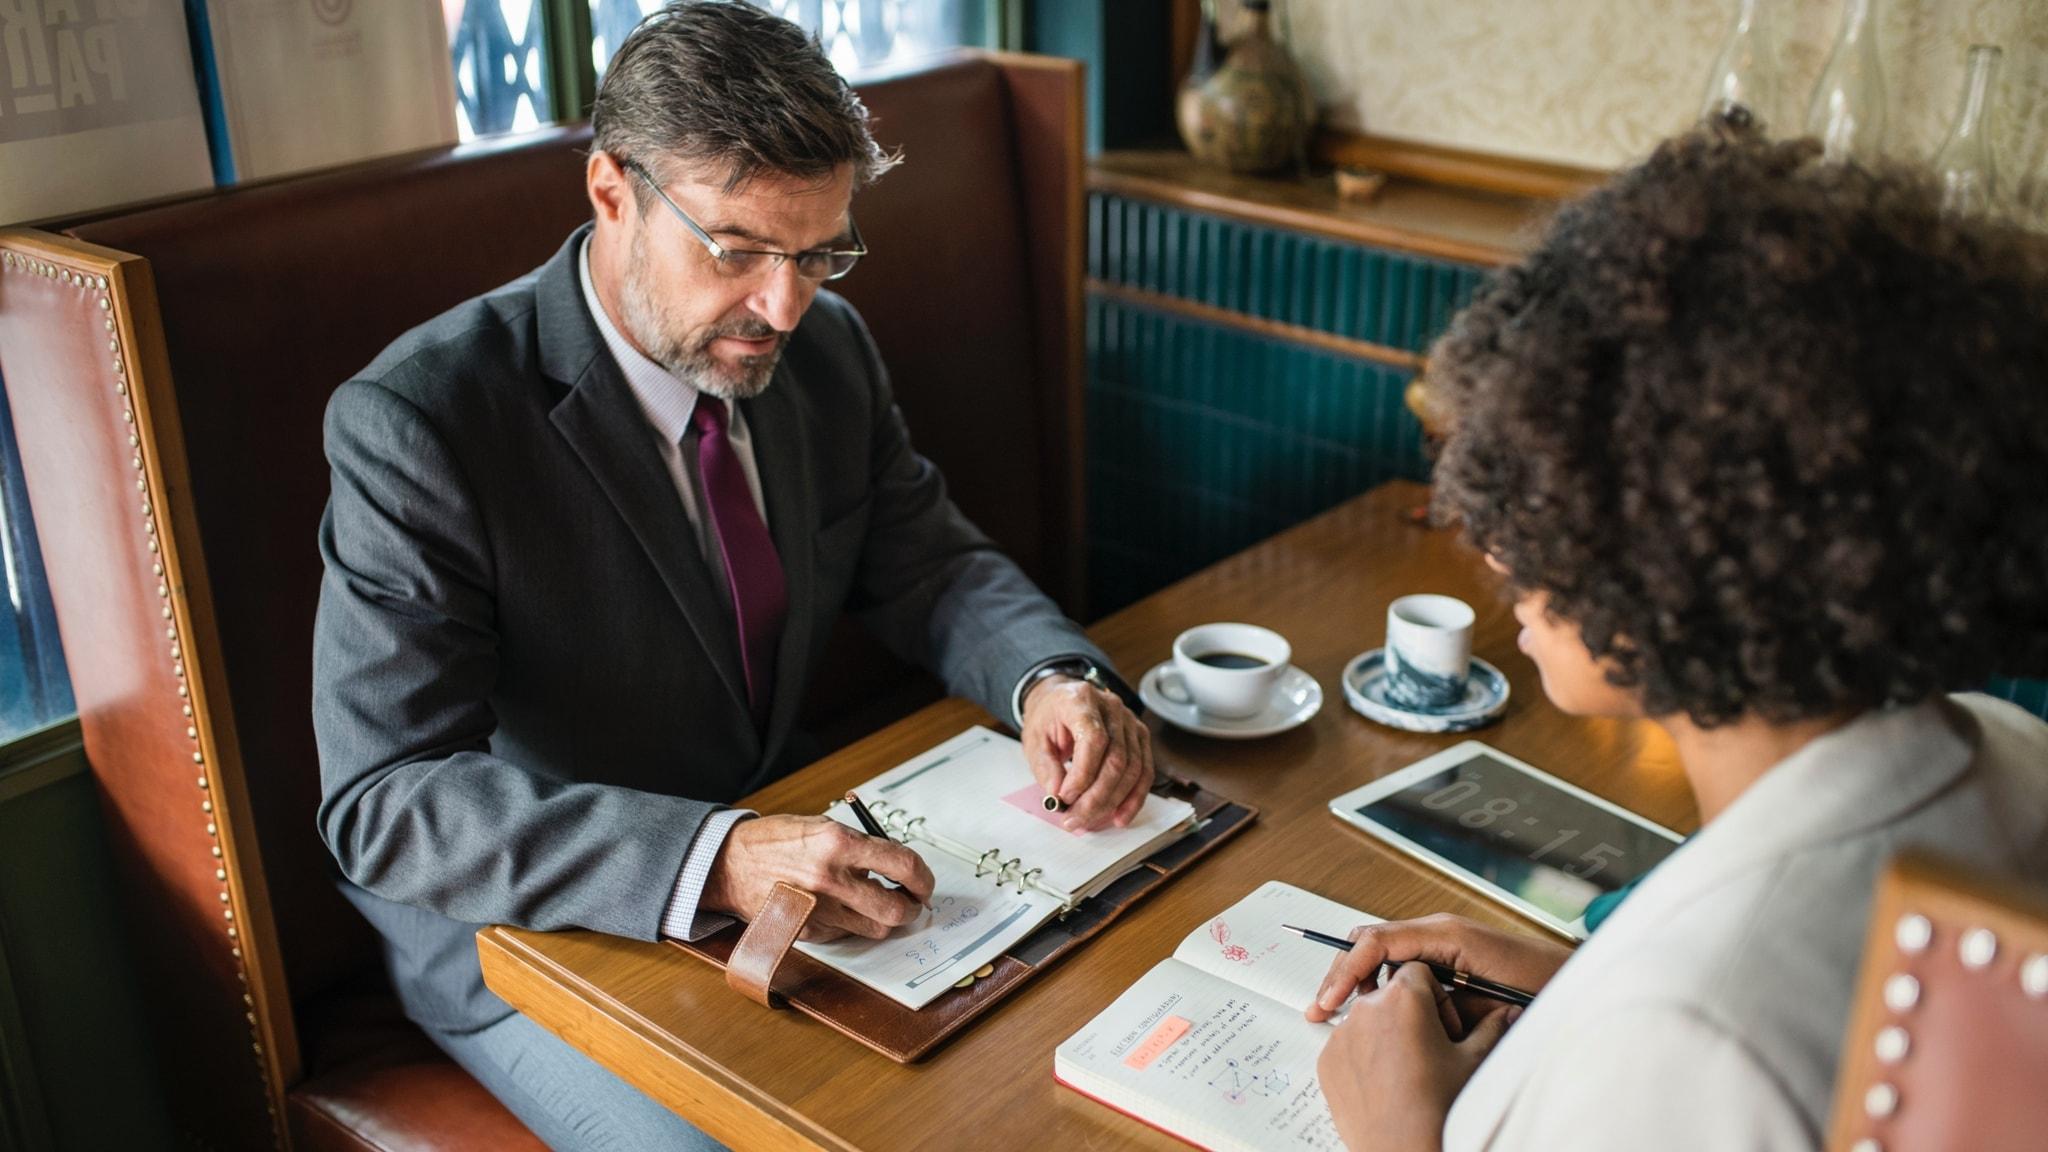 En man och en kvinna sitter mittemot varandra och planerar.